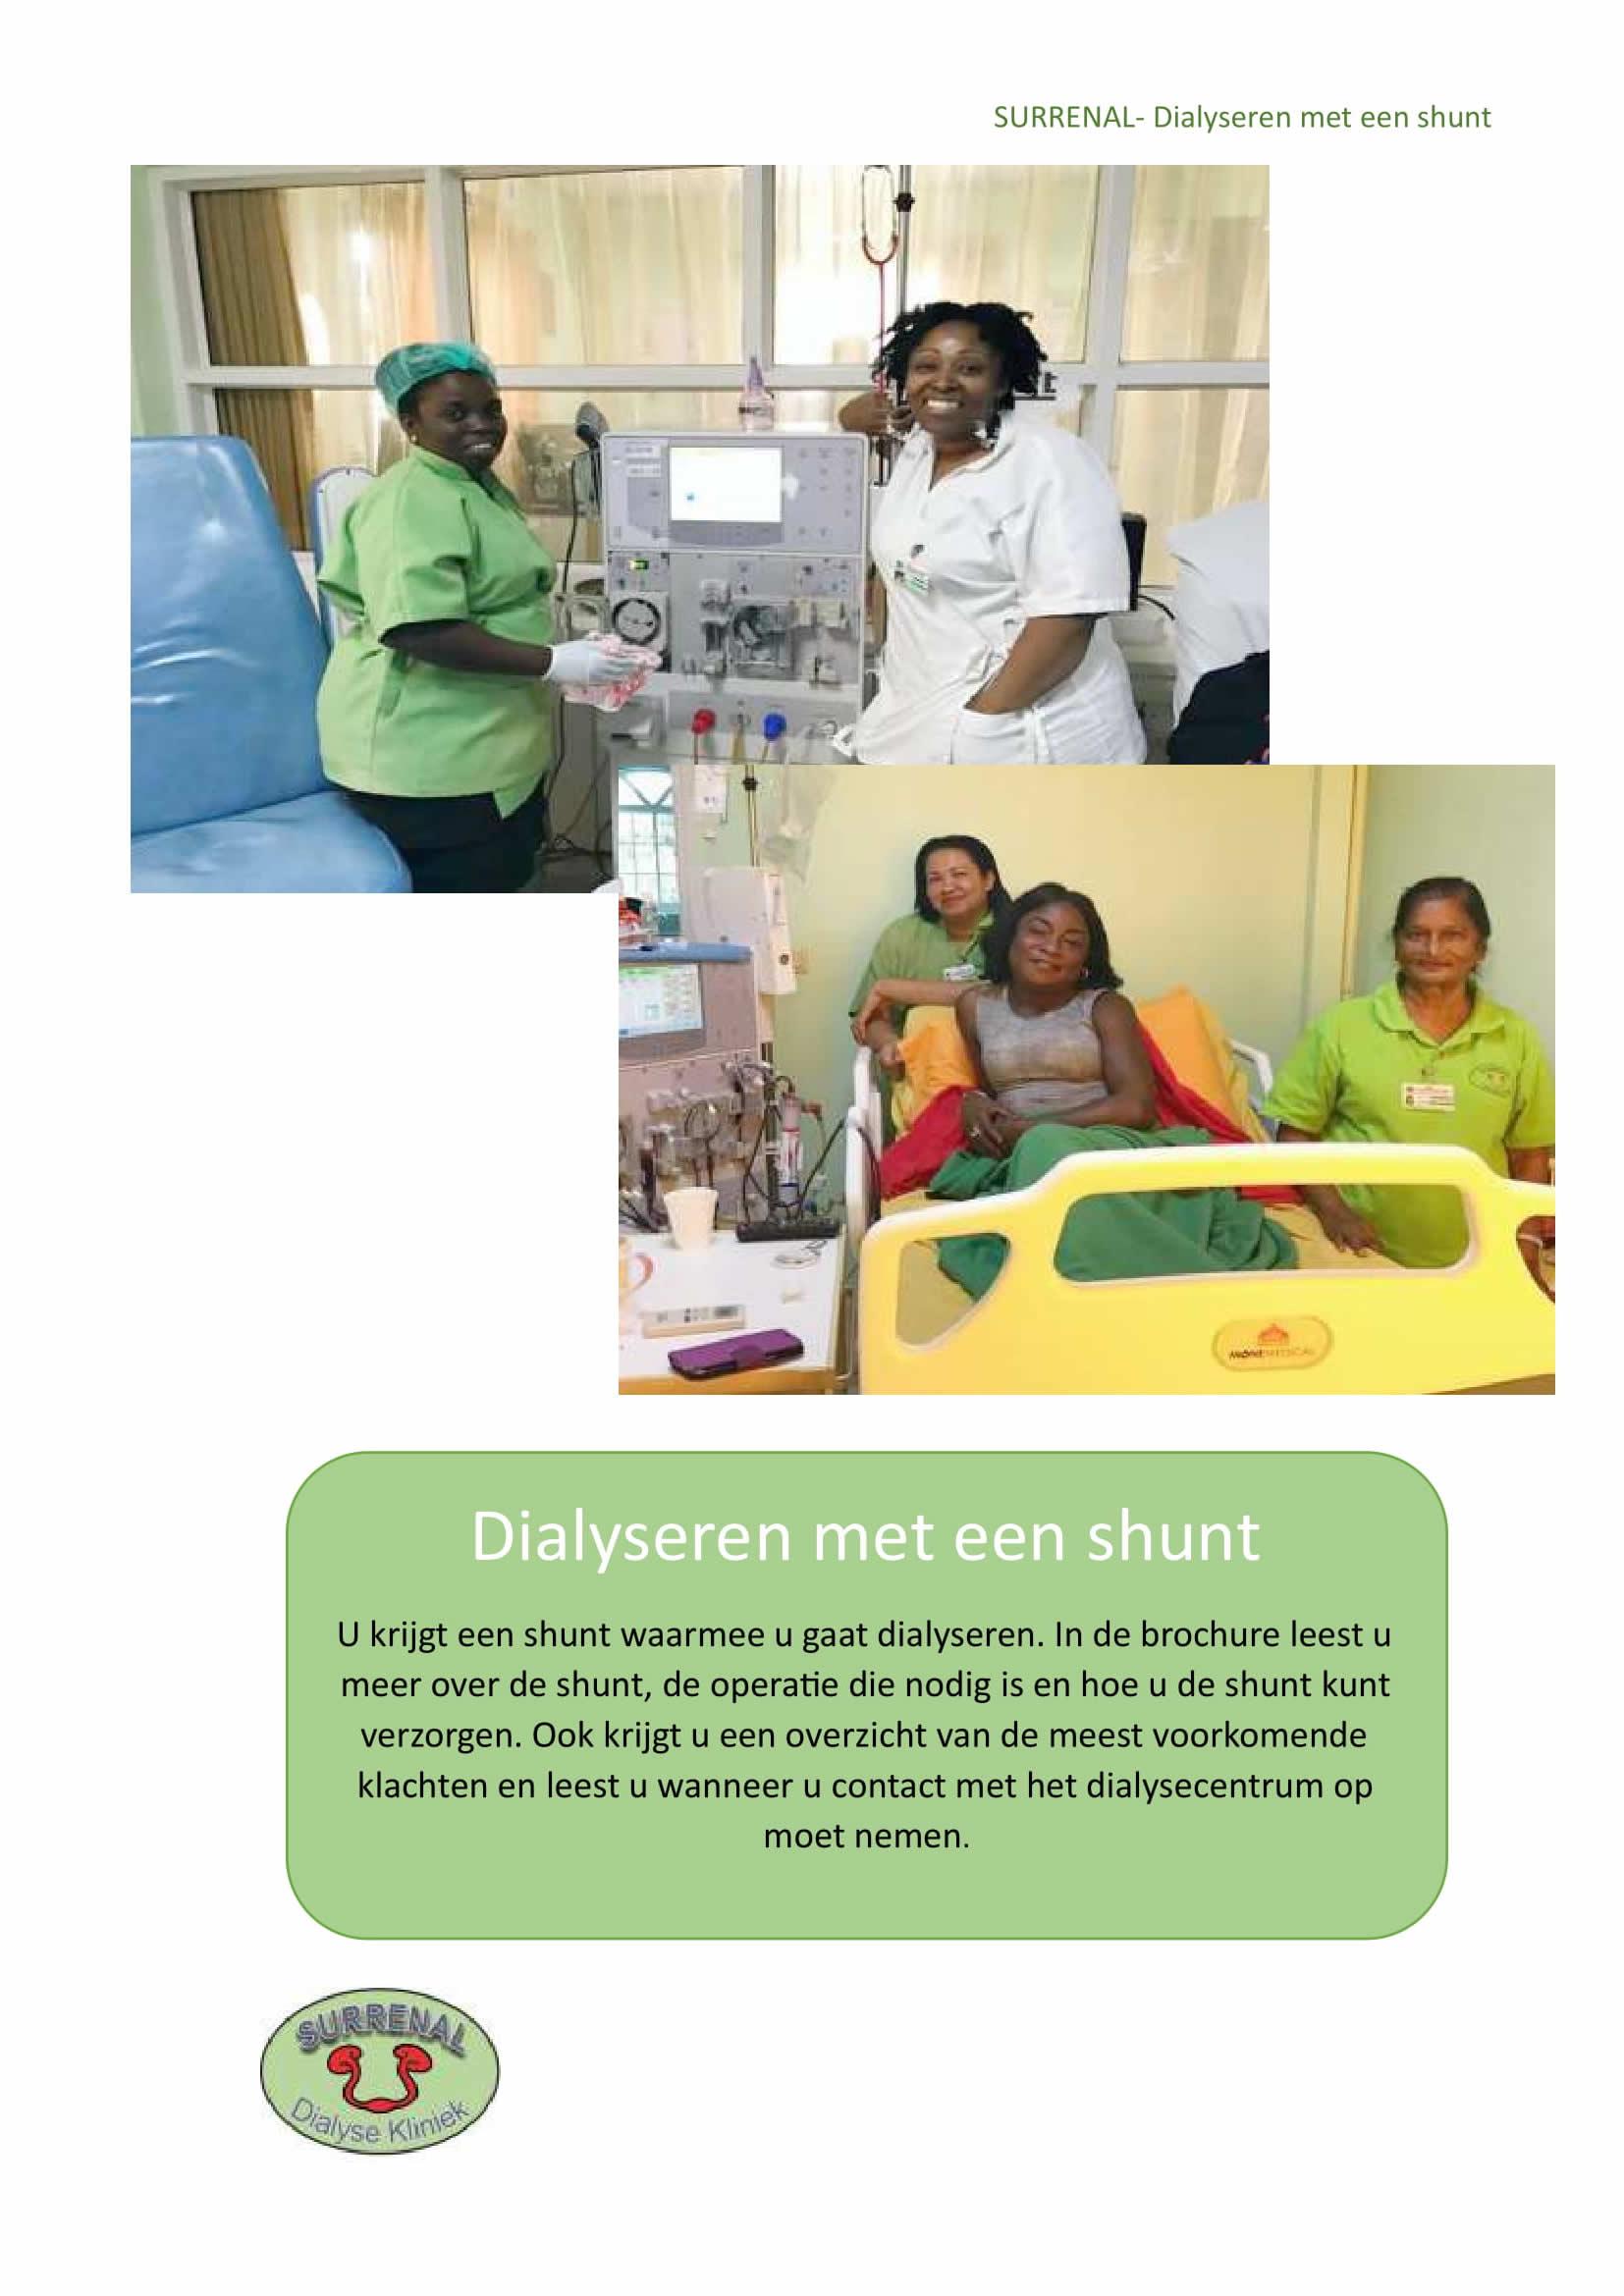 Surrenal Dialyse Kliniek